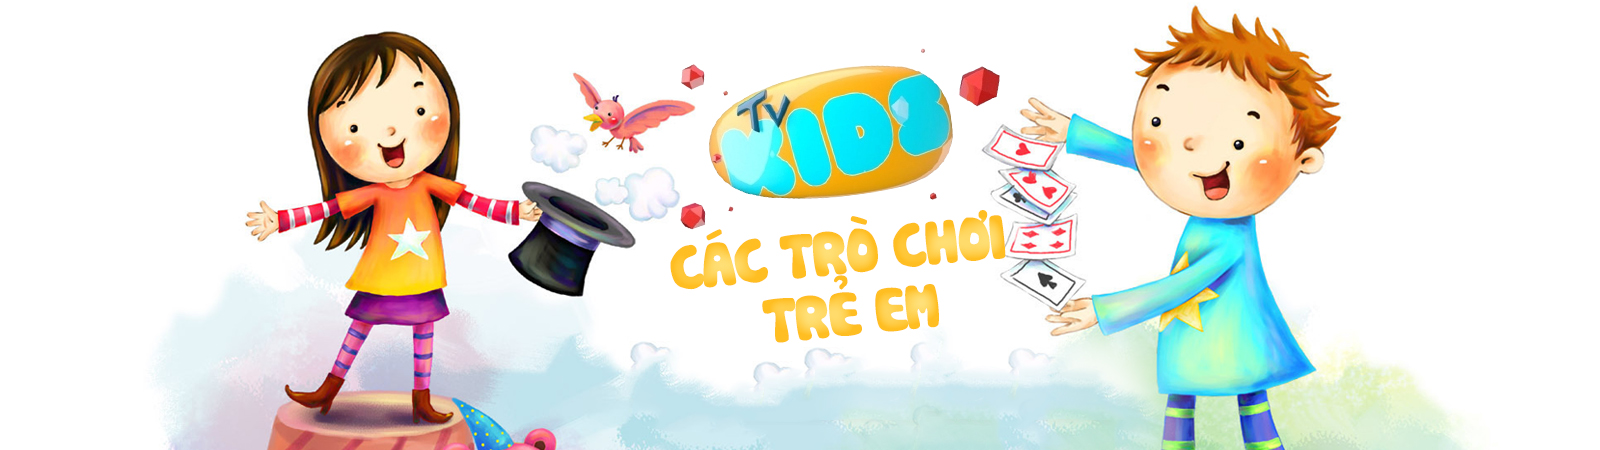 Kids TV - Các Trò Chơi Trẻ Em